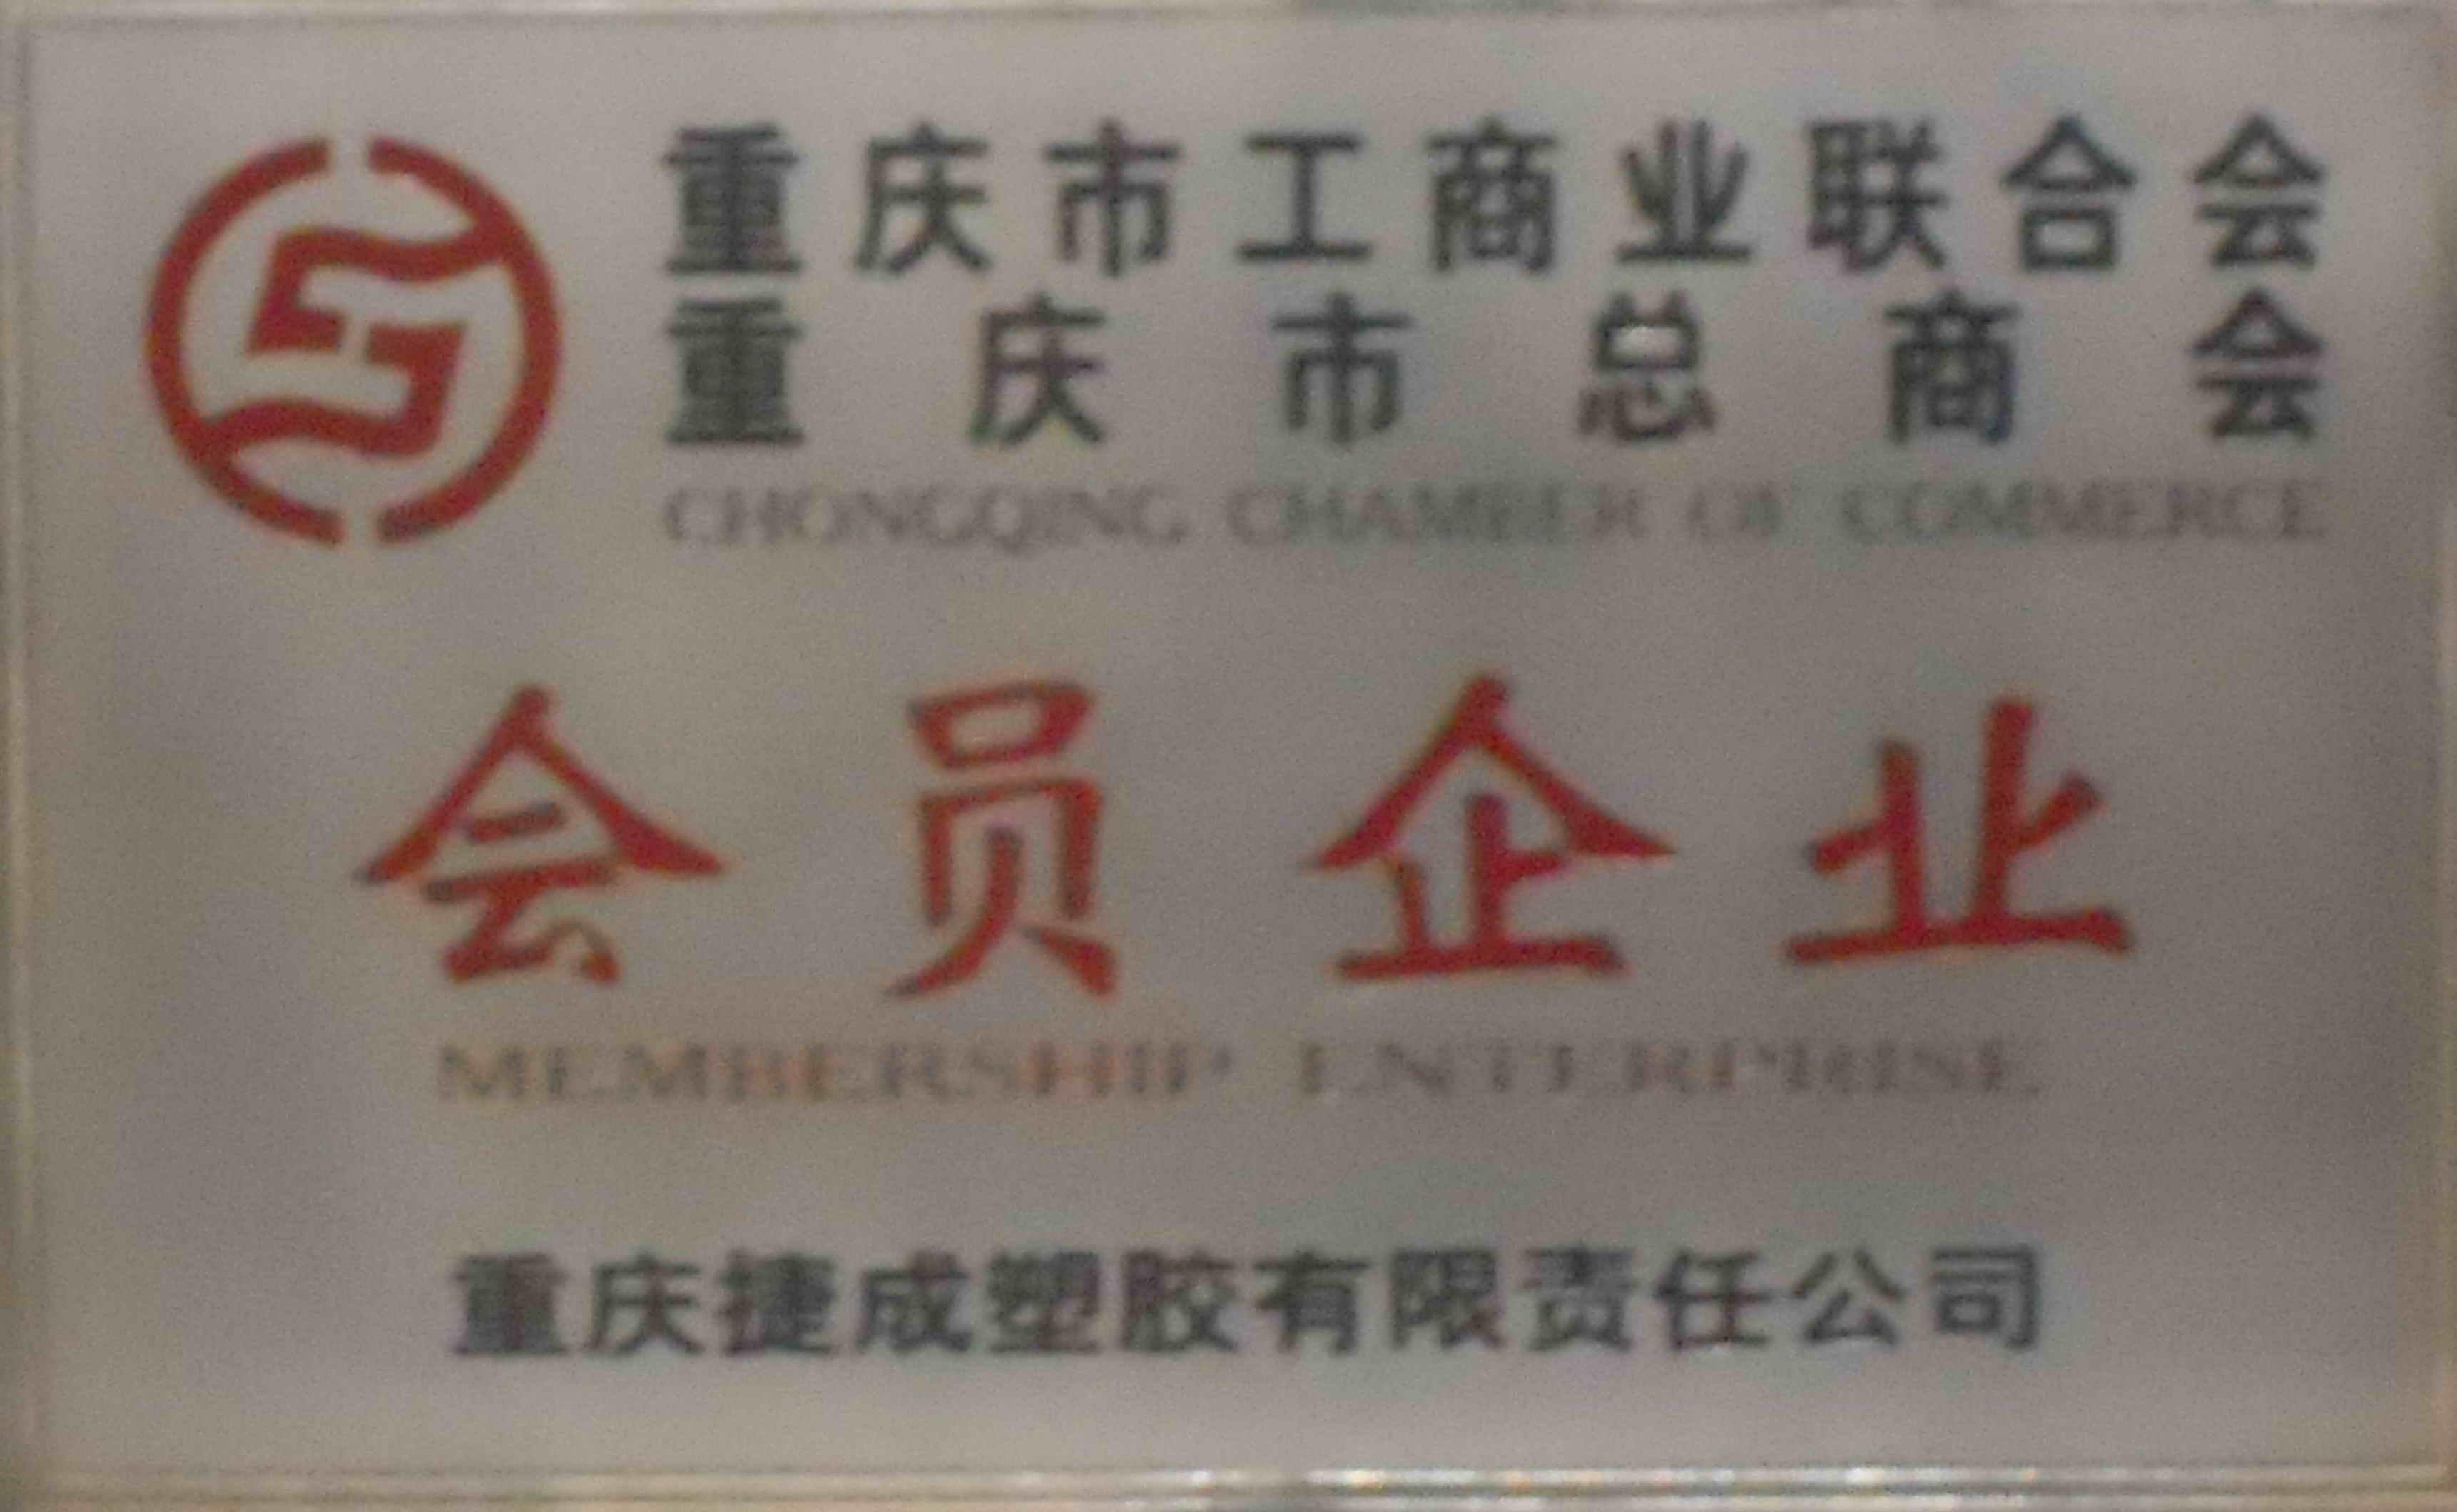 Chongqing Chamber of Commerce Memeber